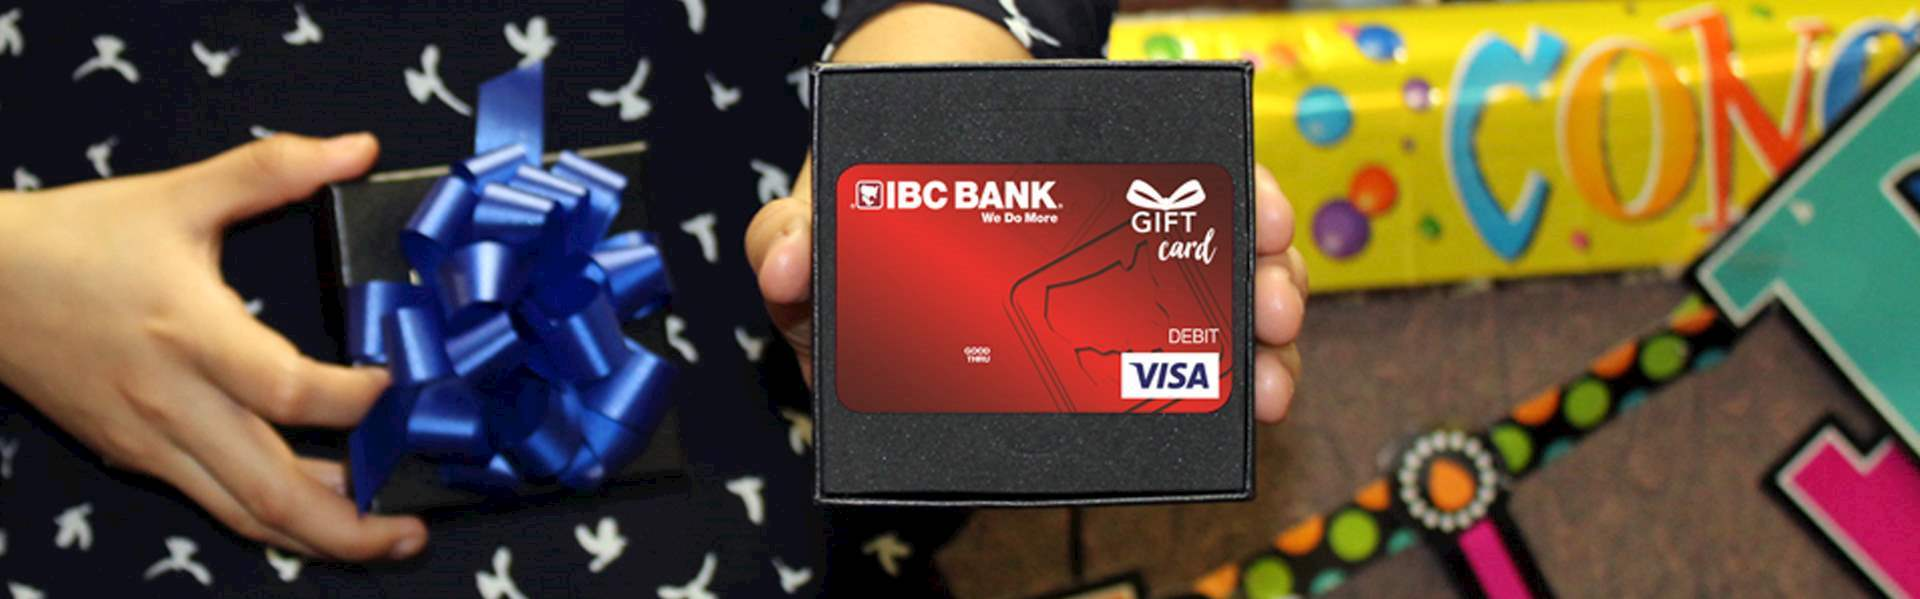 Tarjeta de Regalo Visa IBC del Banco IBC